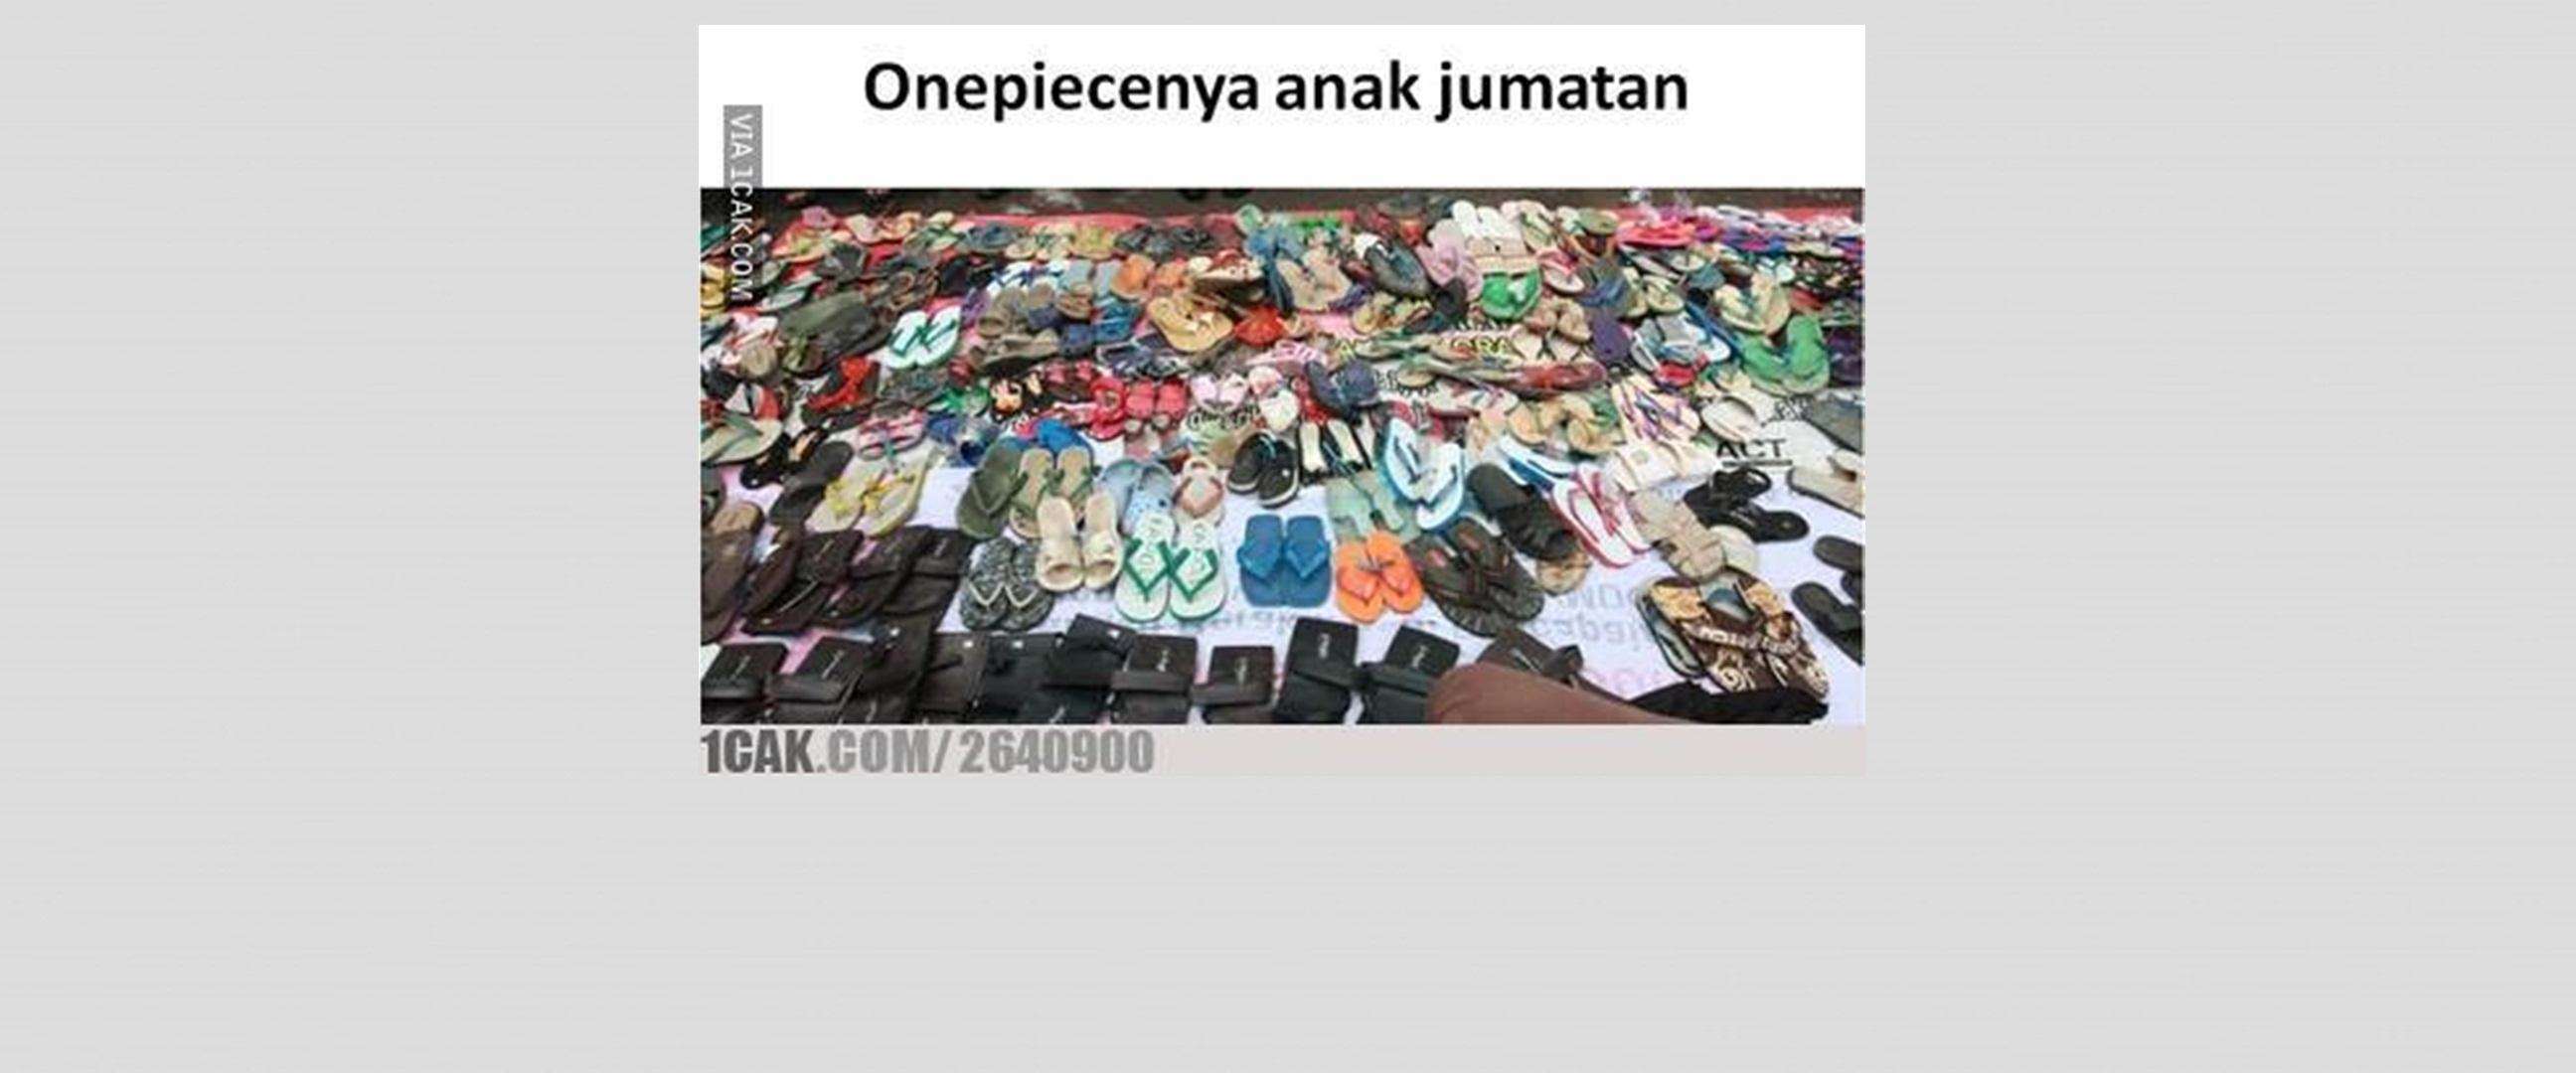 10 Meme lucu starter pack Jumatan, bikin semangat ke masjid